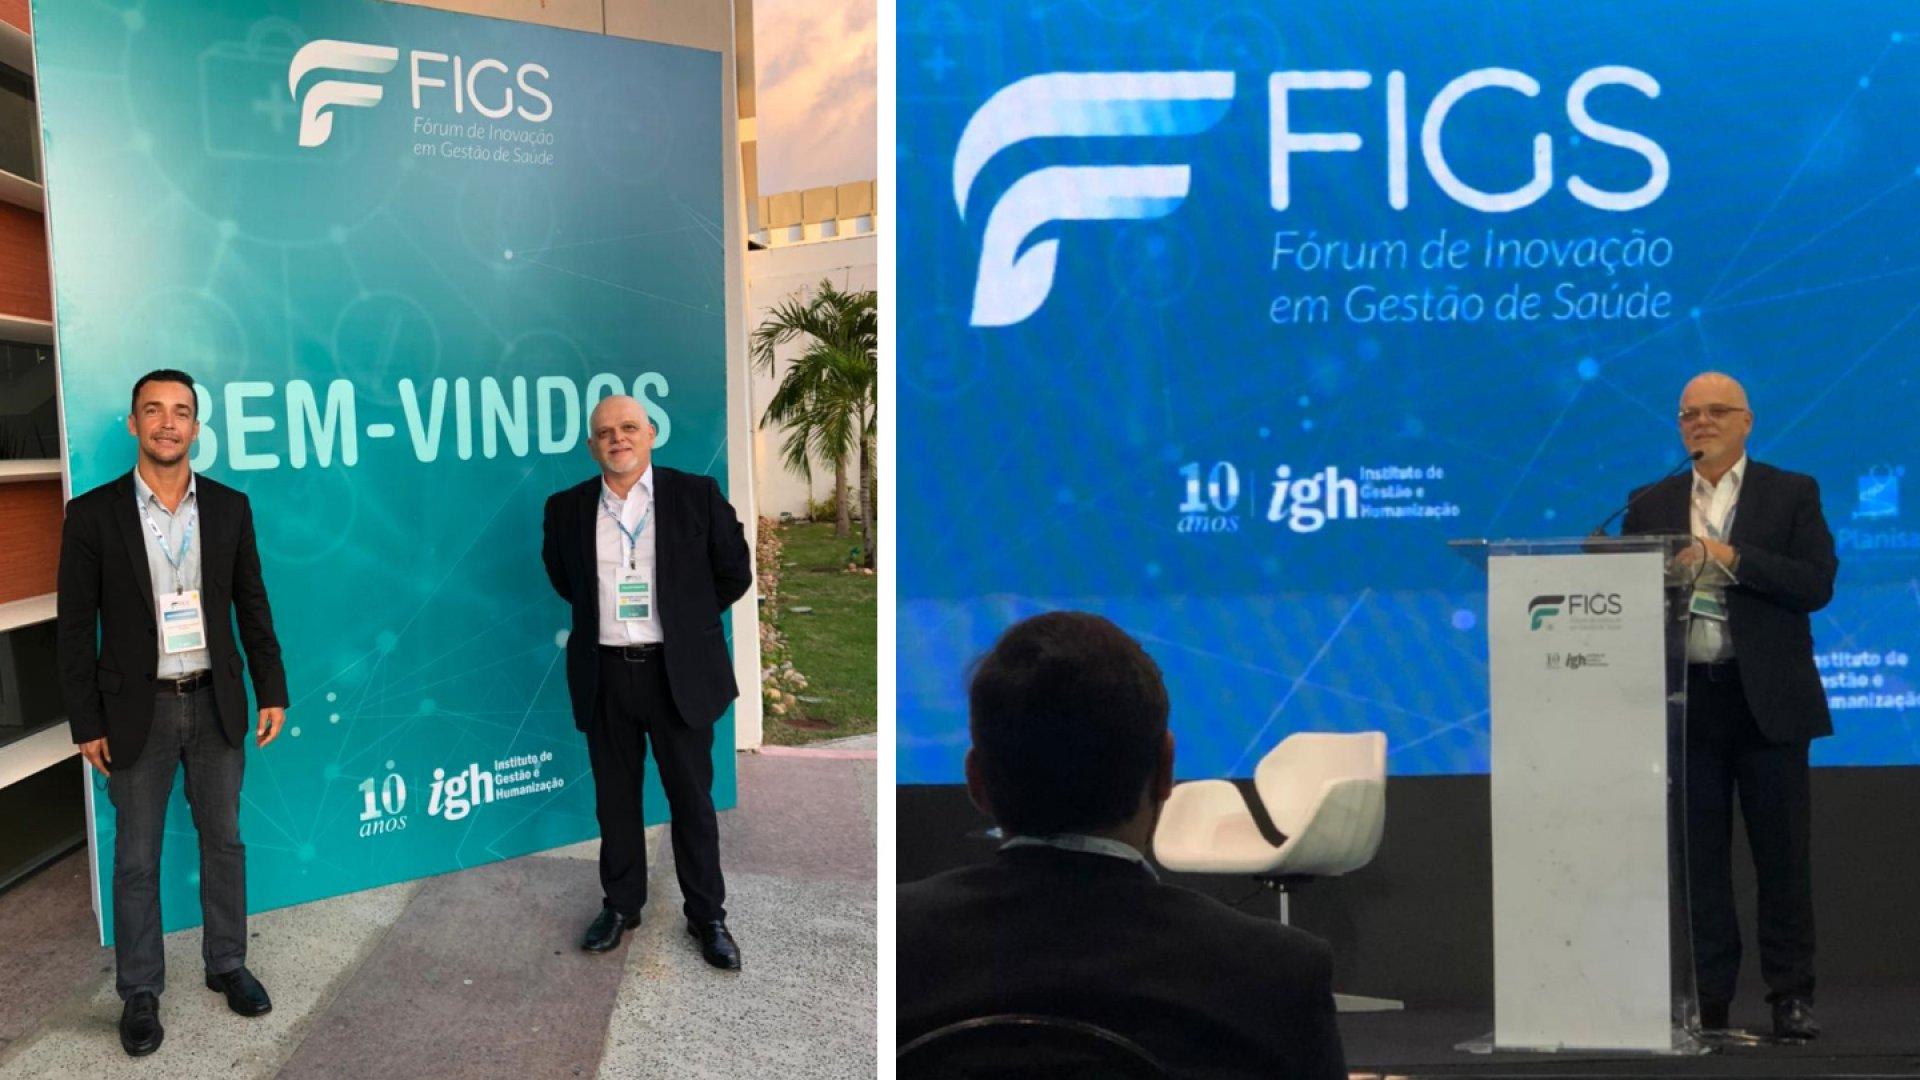 [Especializa participou do Fórum de Inovação em Gestão de Saúde – FIGS]